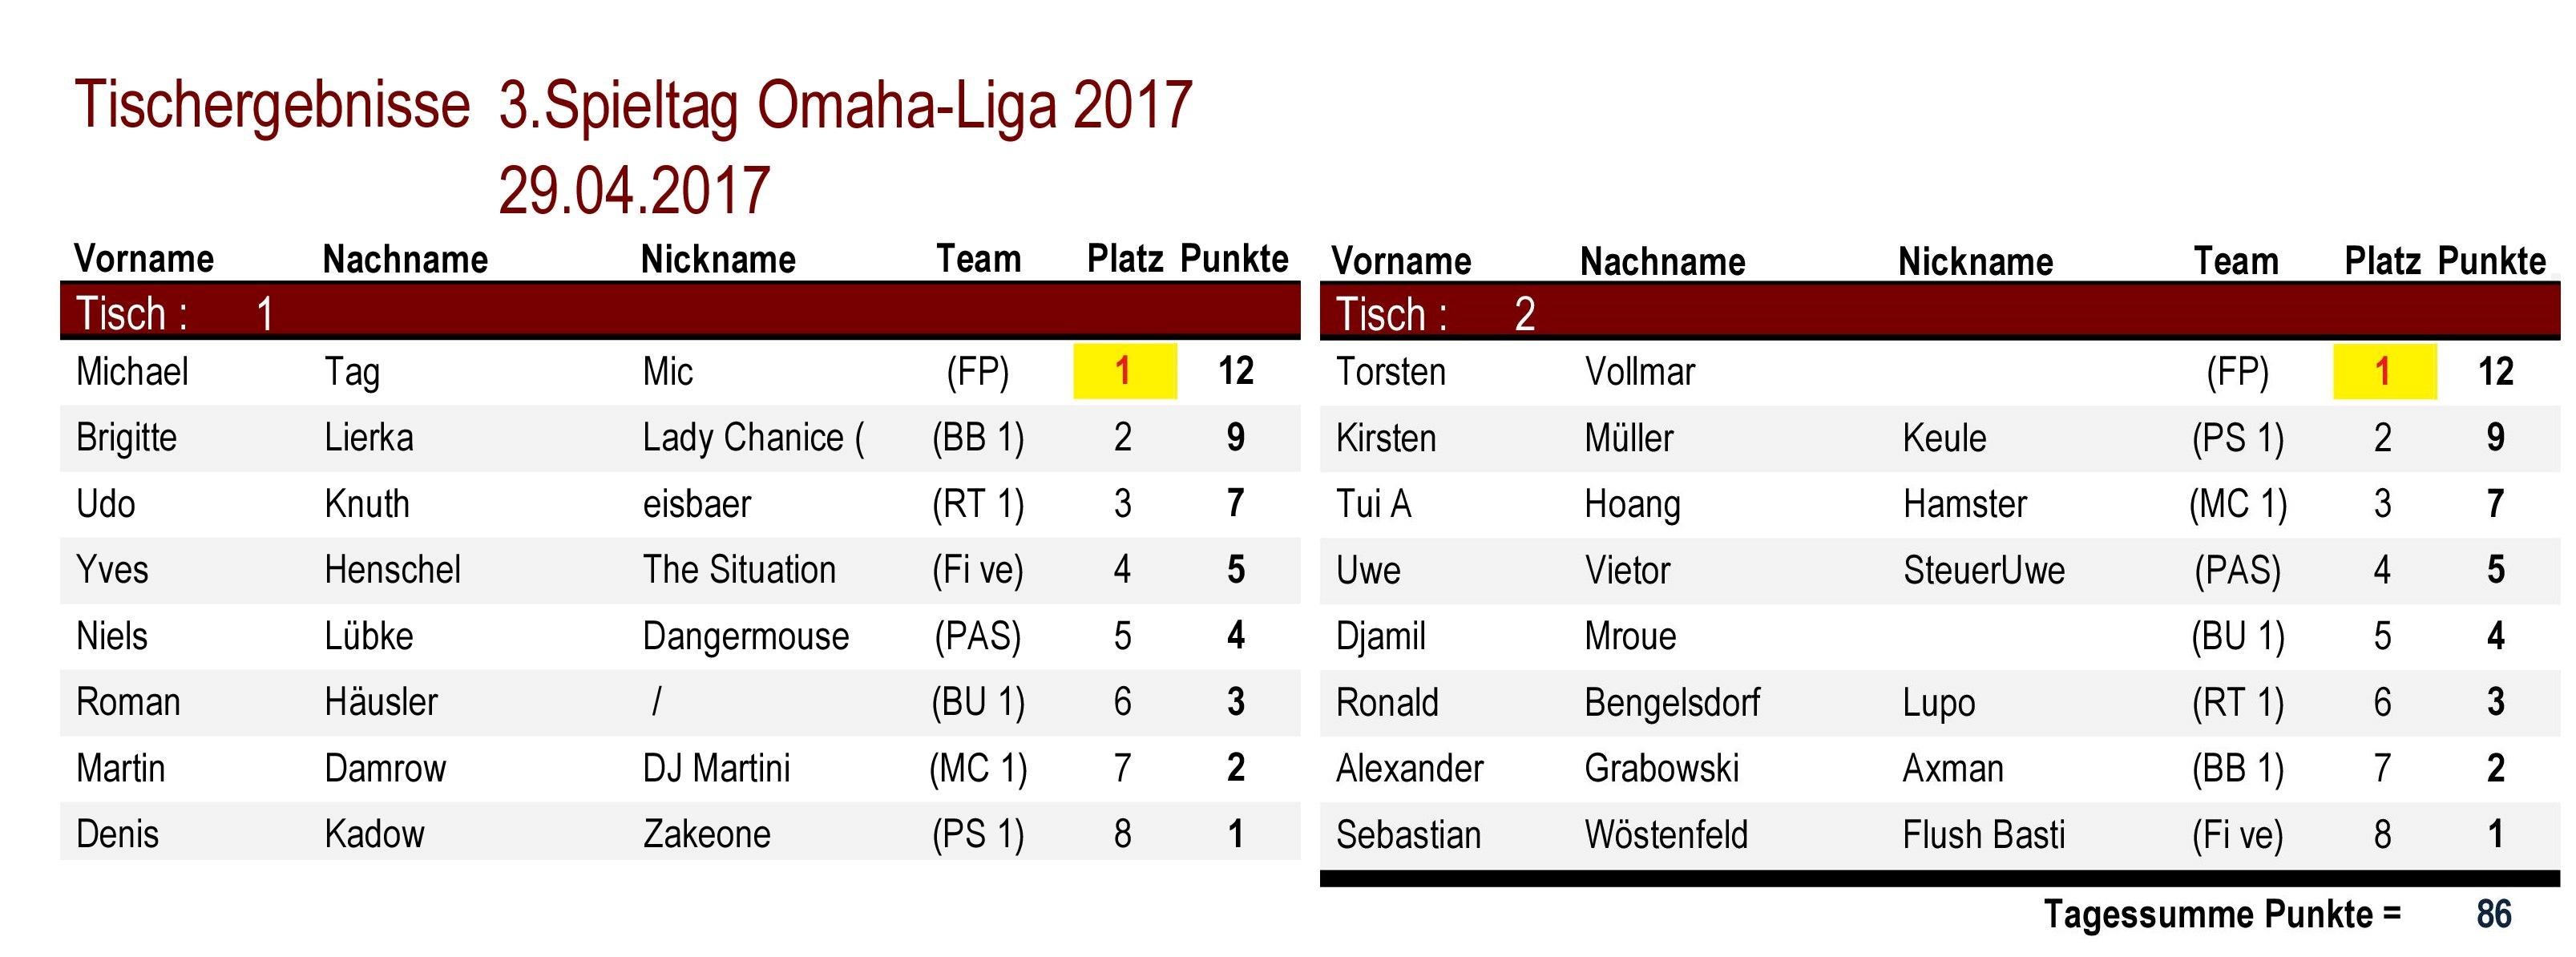 Tischergebnisse Omaha-Liga 3.Spieltag 2017